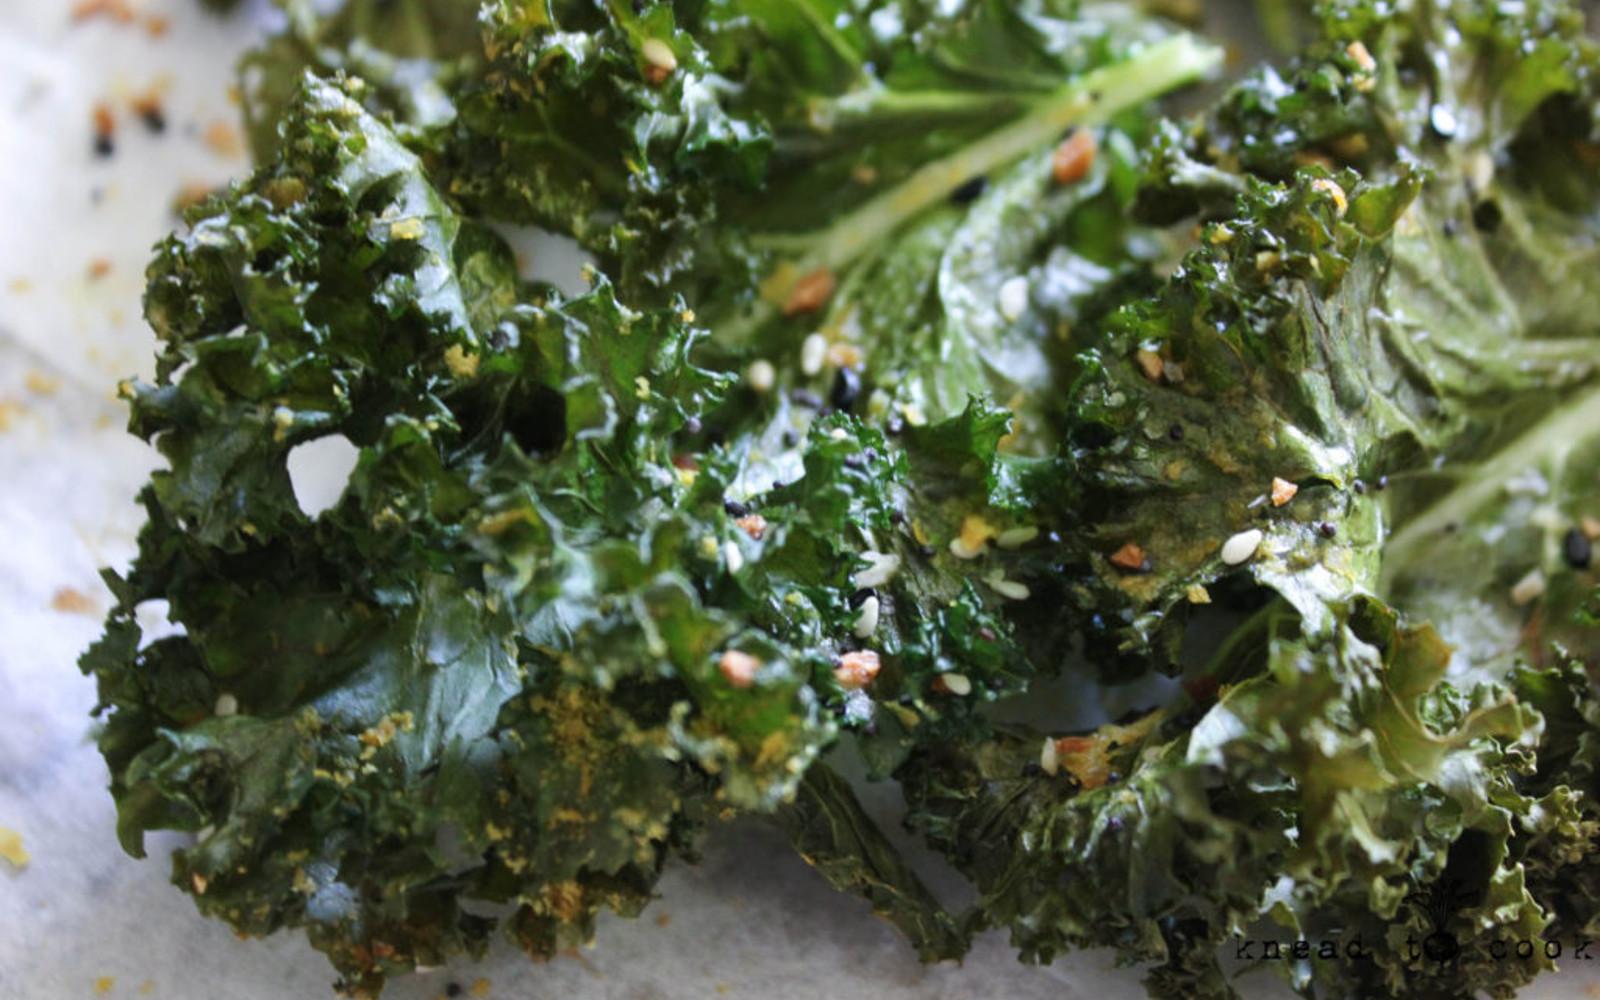 Vegan Everything Bagel Kale Chips